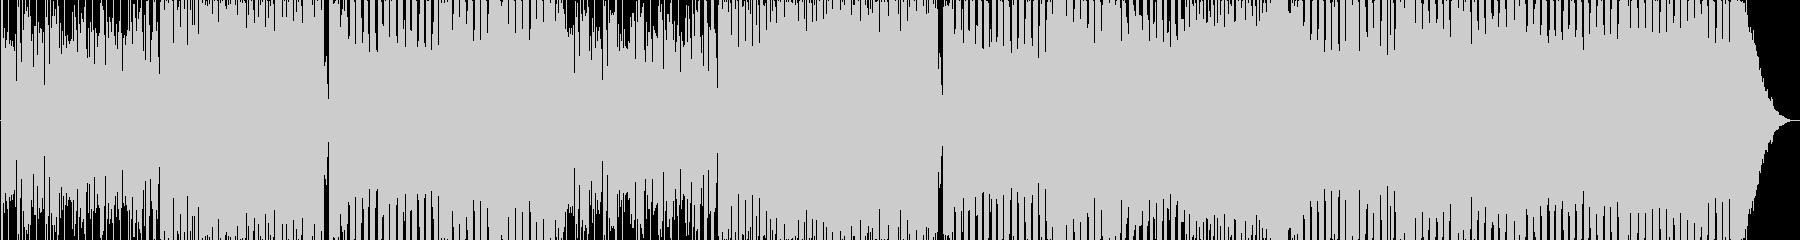 ダークなTRAPビートと軽快なROCKの未再生の波形